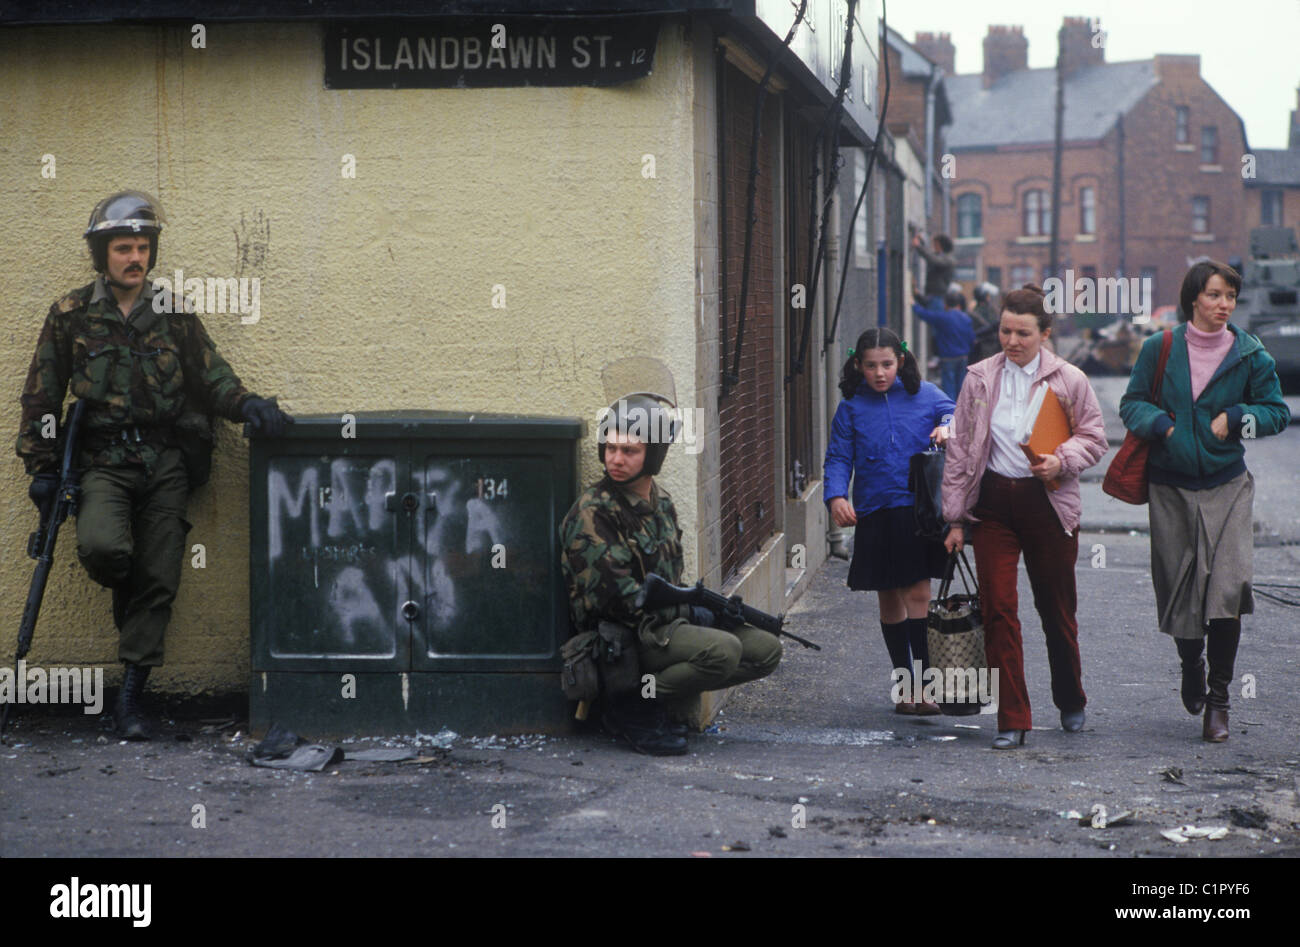 Los disturbios de Belfast de 1980. Calle Islandbawn Falls Road, Belfast soldados británicos. 80s UK HOMER SYKES Imagen De Stock